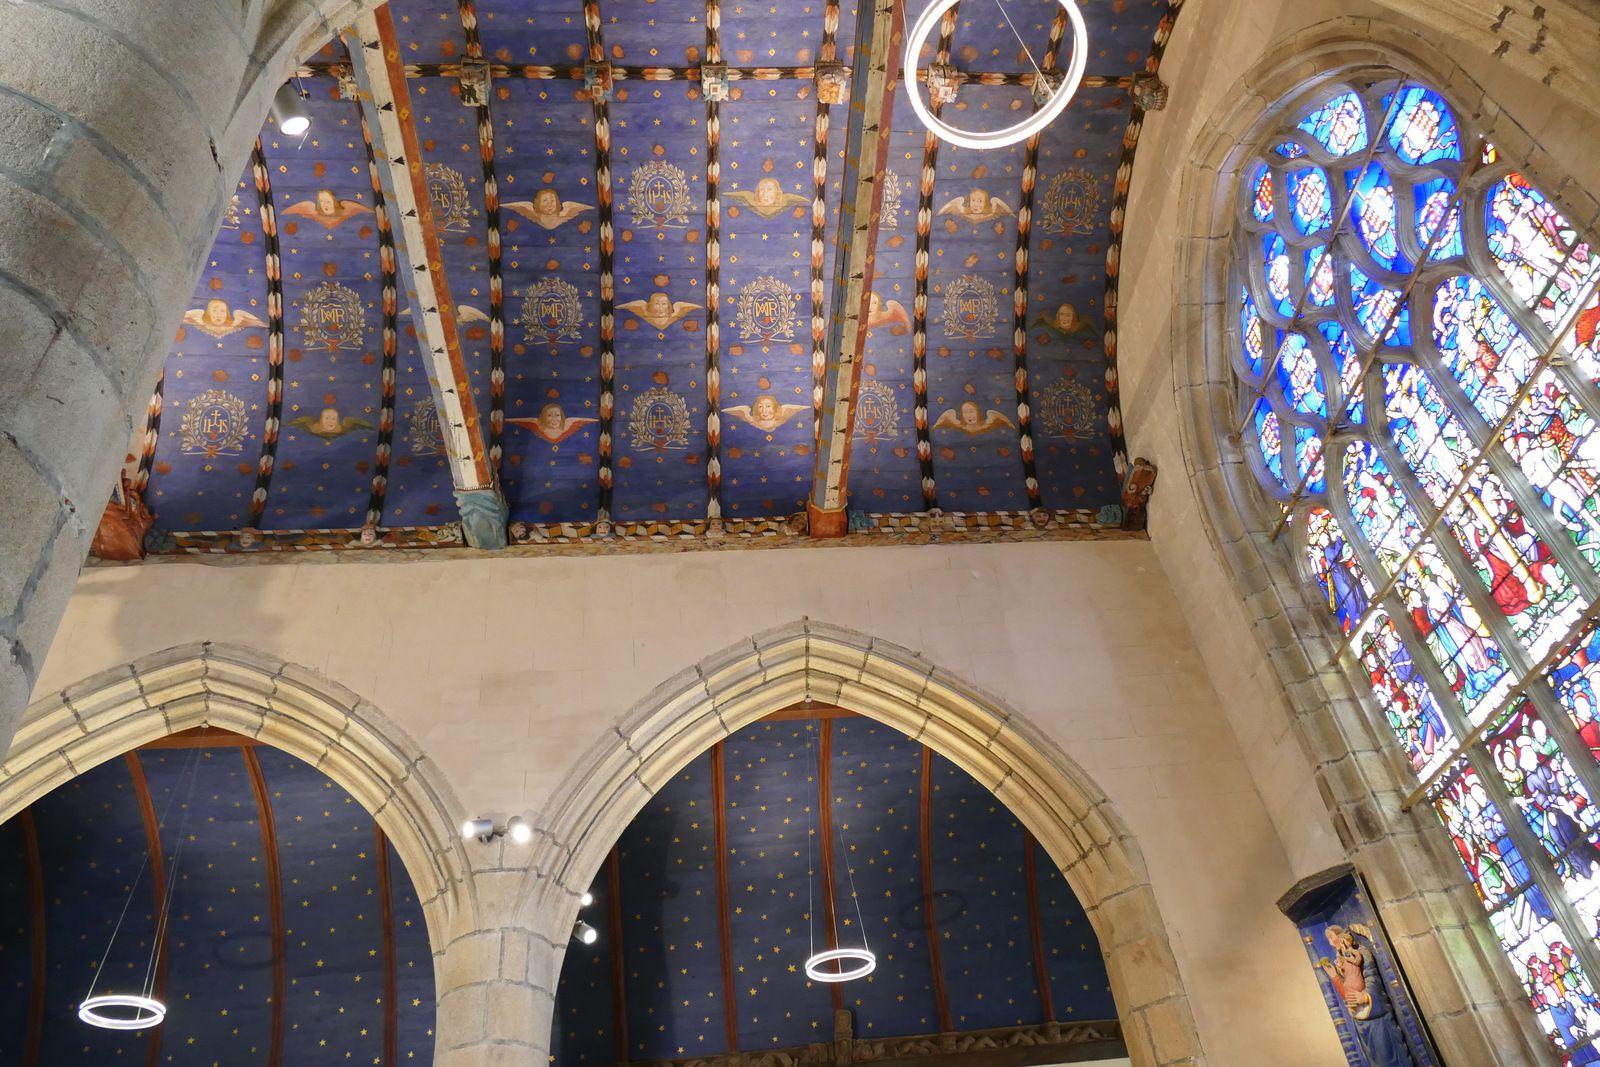 Sablières (1559) du choeur de l'église de La Roche-Maurice. Photographie lavieb-aile.